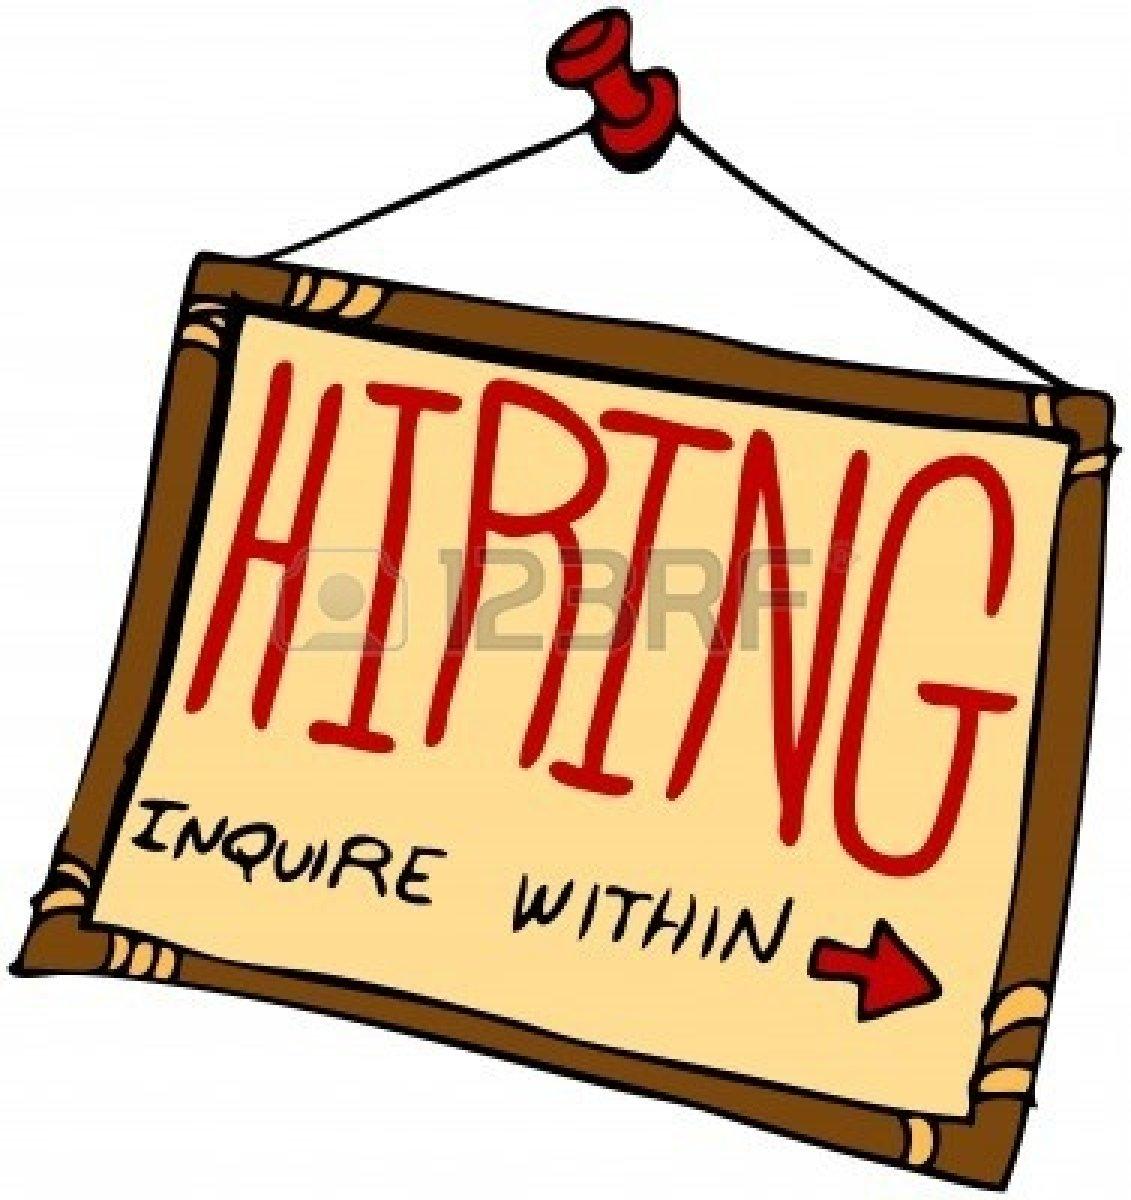 job clip art job search clipart panda free clipart images rh clipartpanda com Now Hiring Clip Art Human Resources Clip Art